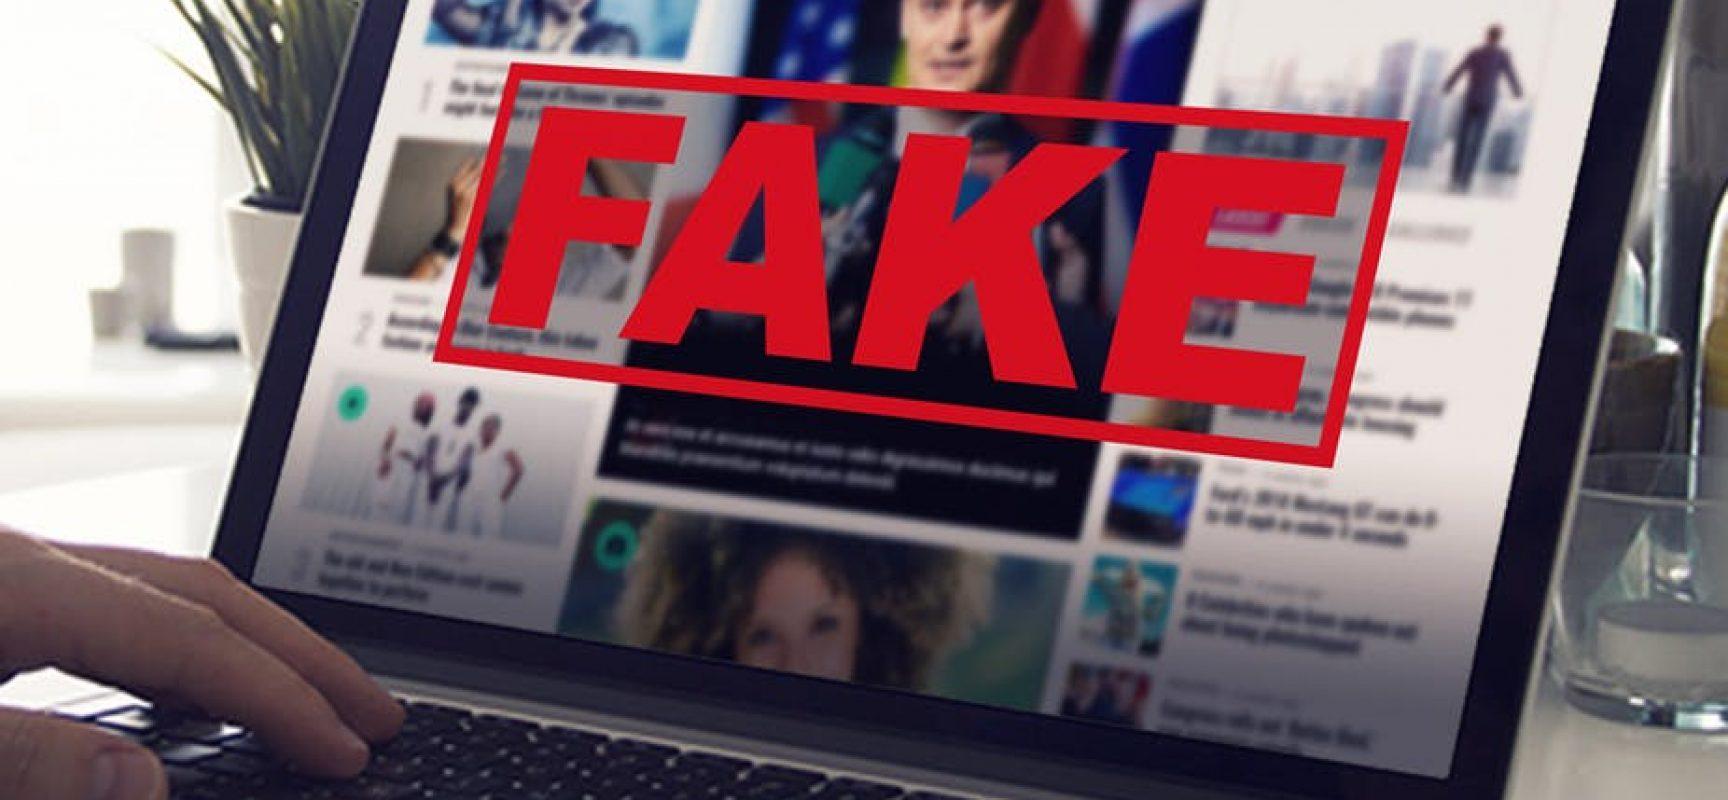 Nie ufają mediom – szerzą dezinformację